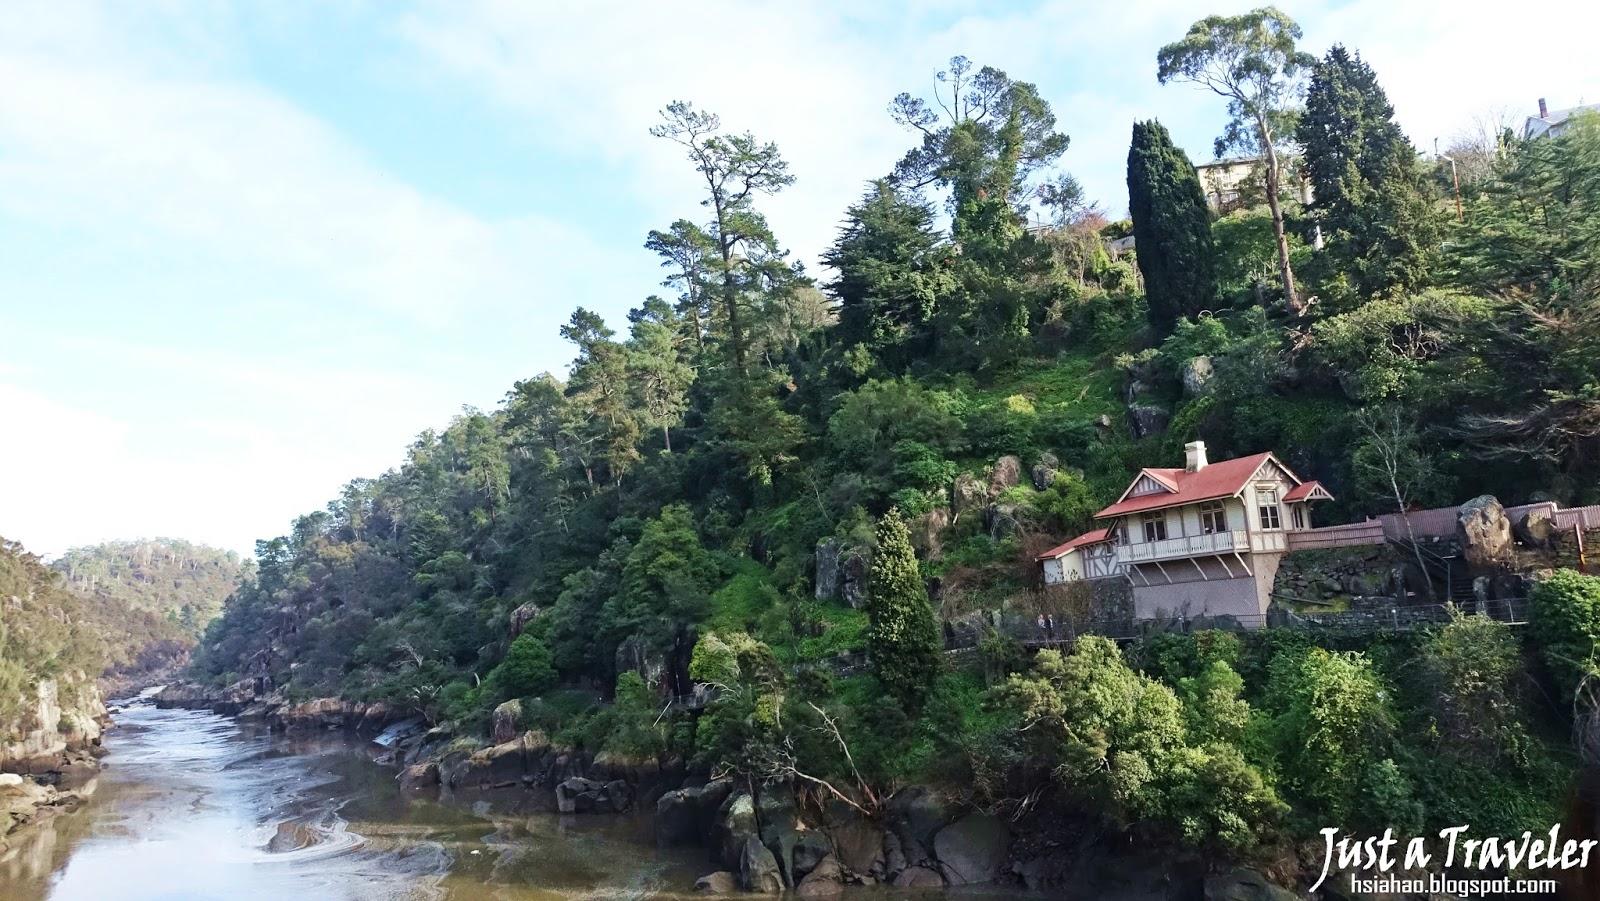 塔斯馬尼亞-景點-推薦-激流峽谷-Cataract-Gorge-Reserve-旅遊-自由行-澳洲-Tasmania-Tourist-Attraction-Australia